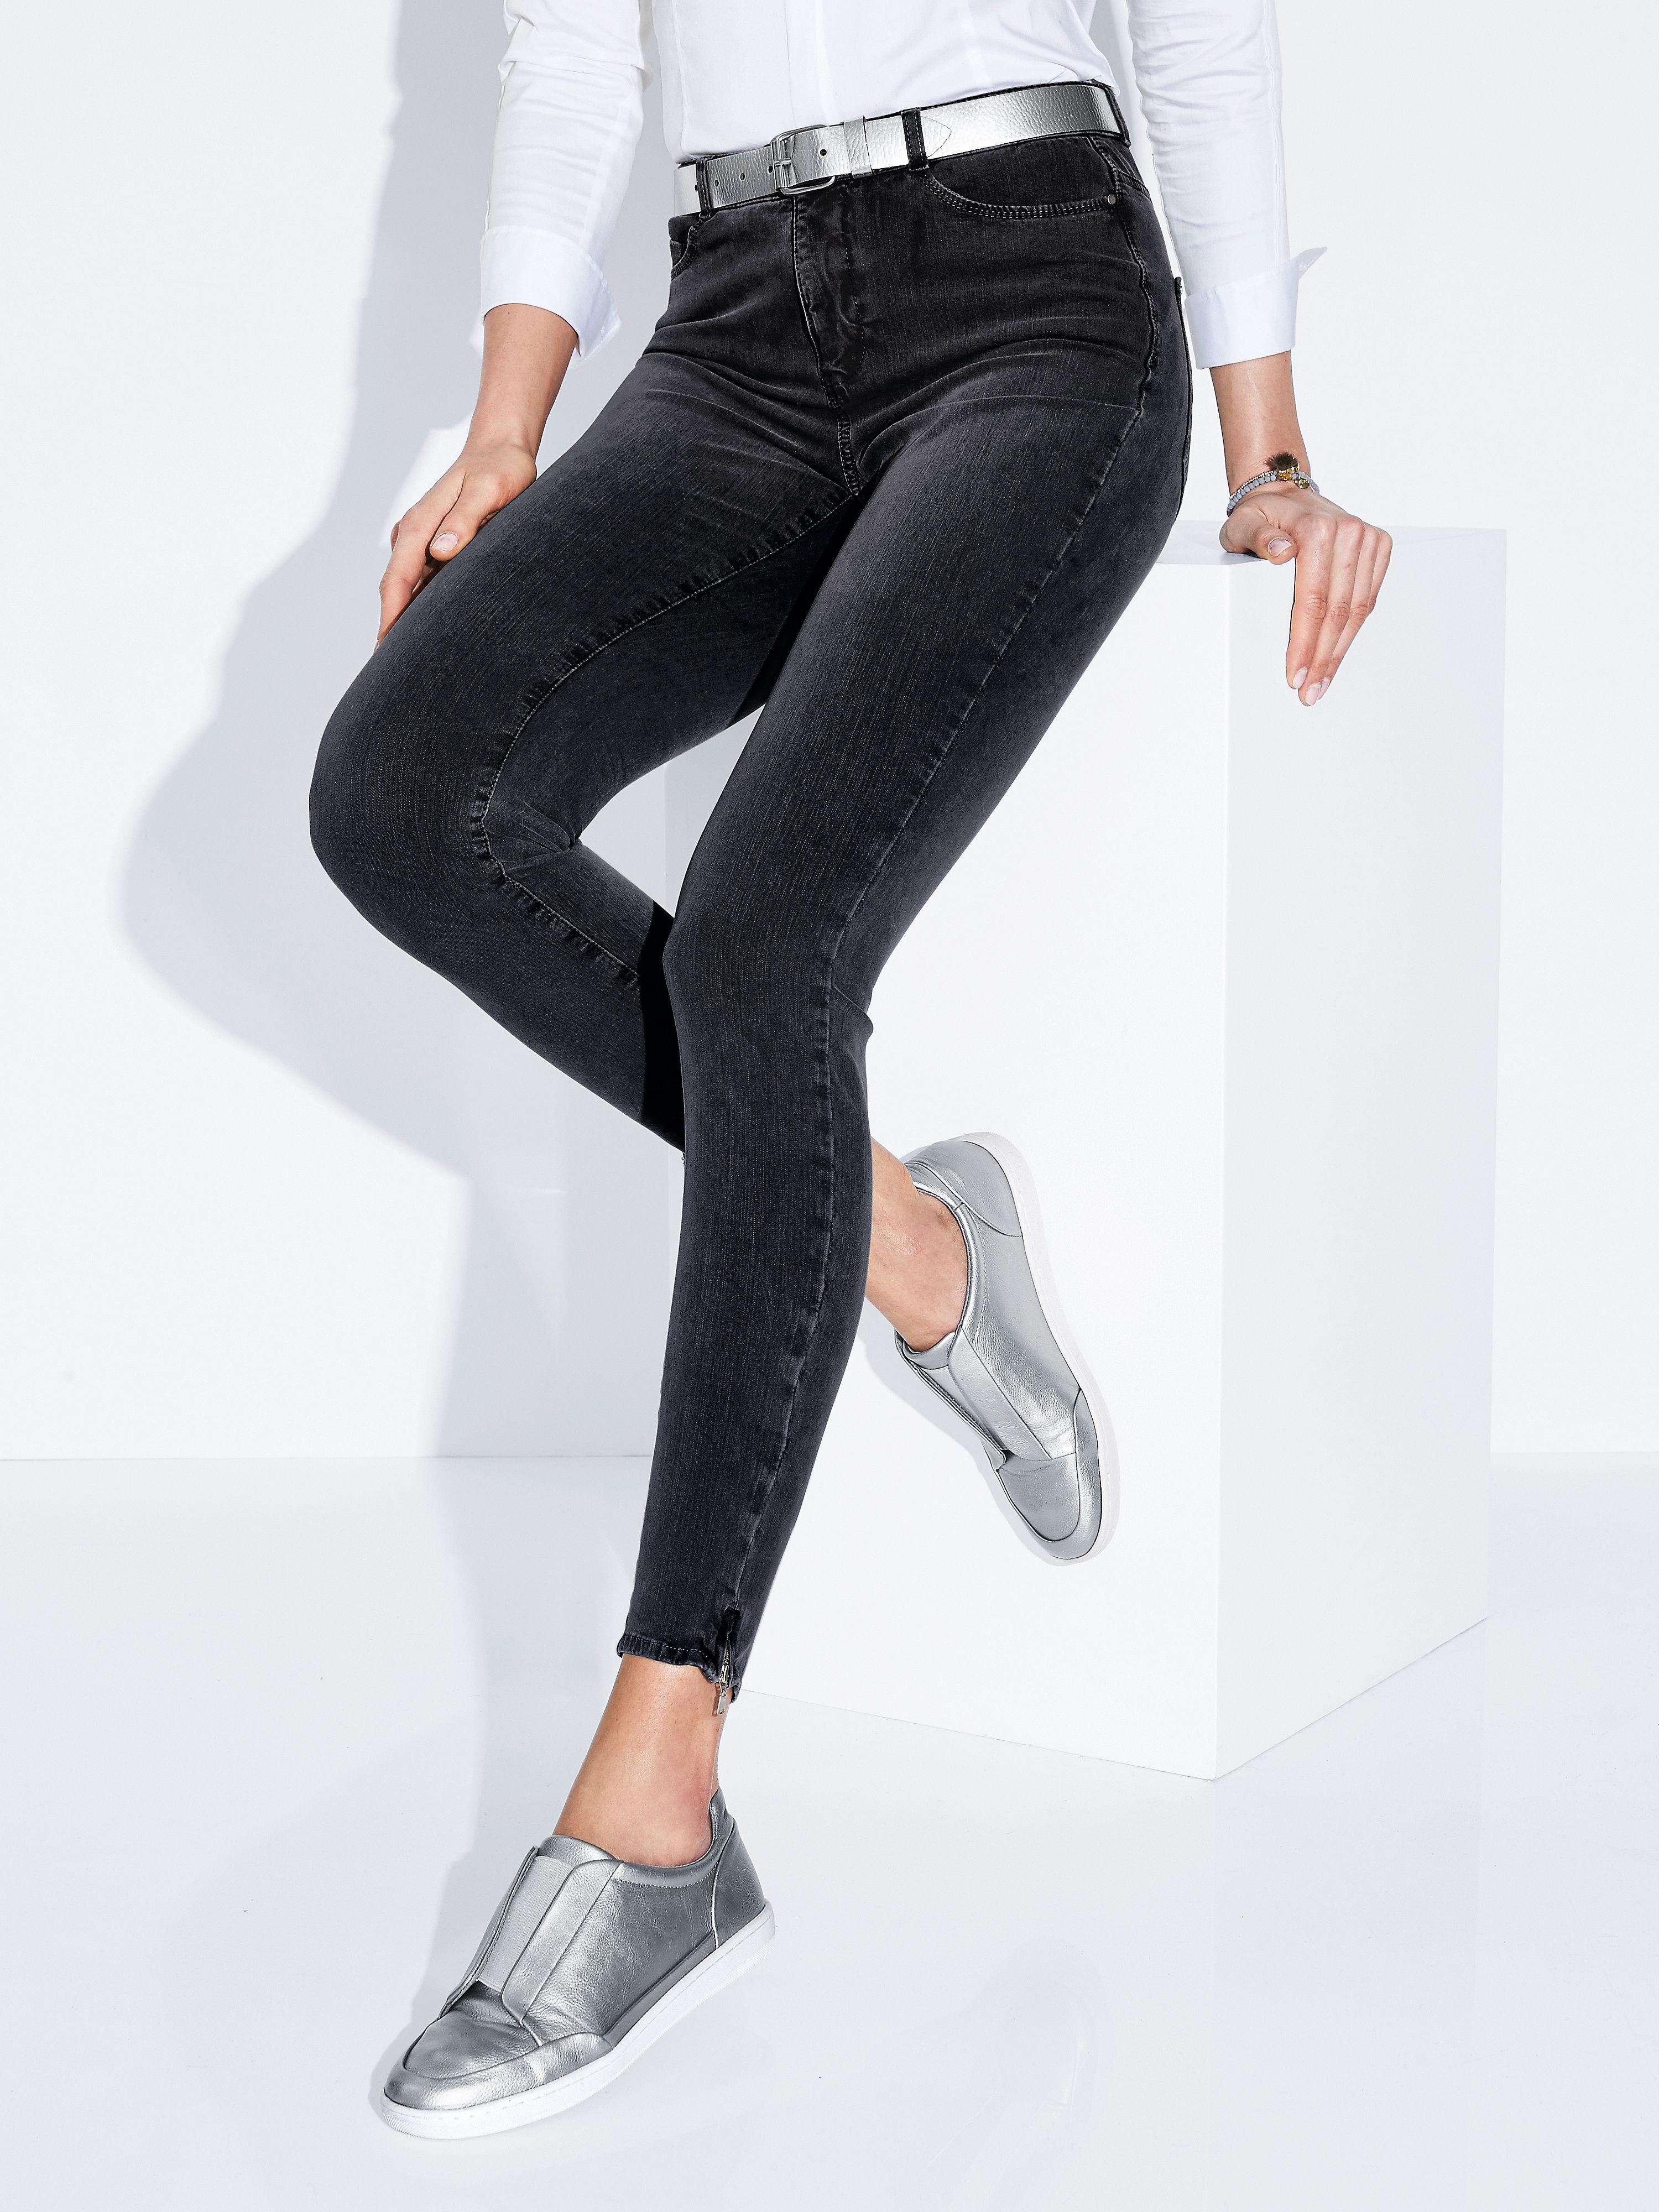 Enkellange jeans 'dream sensation skinny' van mac: supersmal 5 pocketsmodel van zeer elastisch en superzacht ...